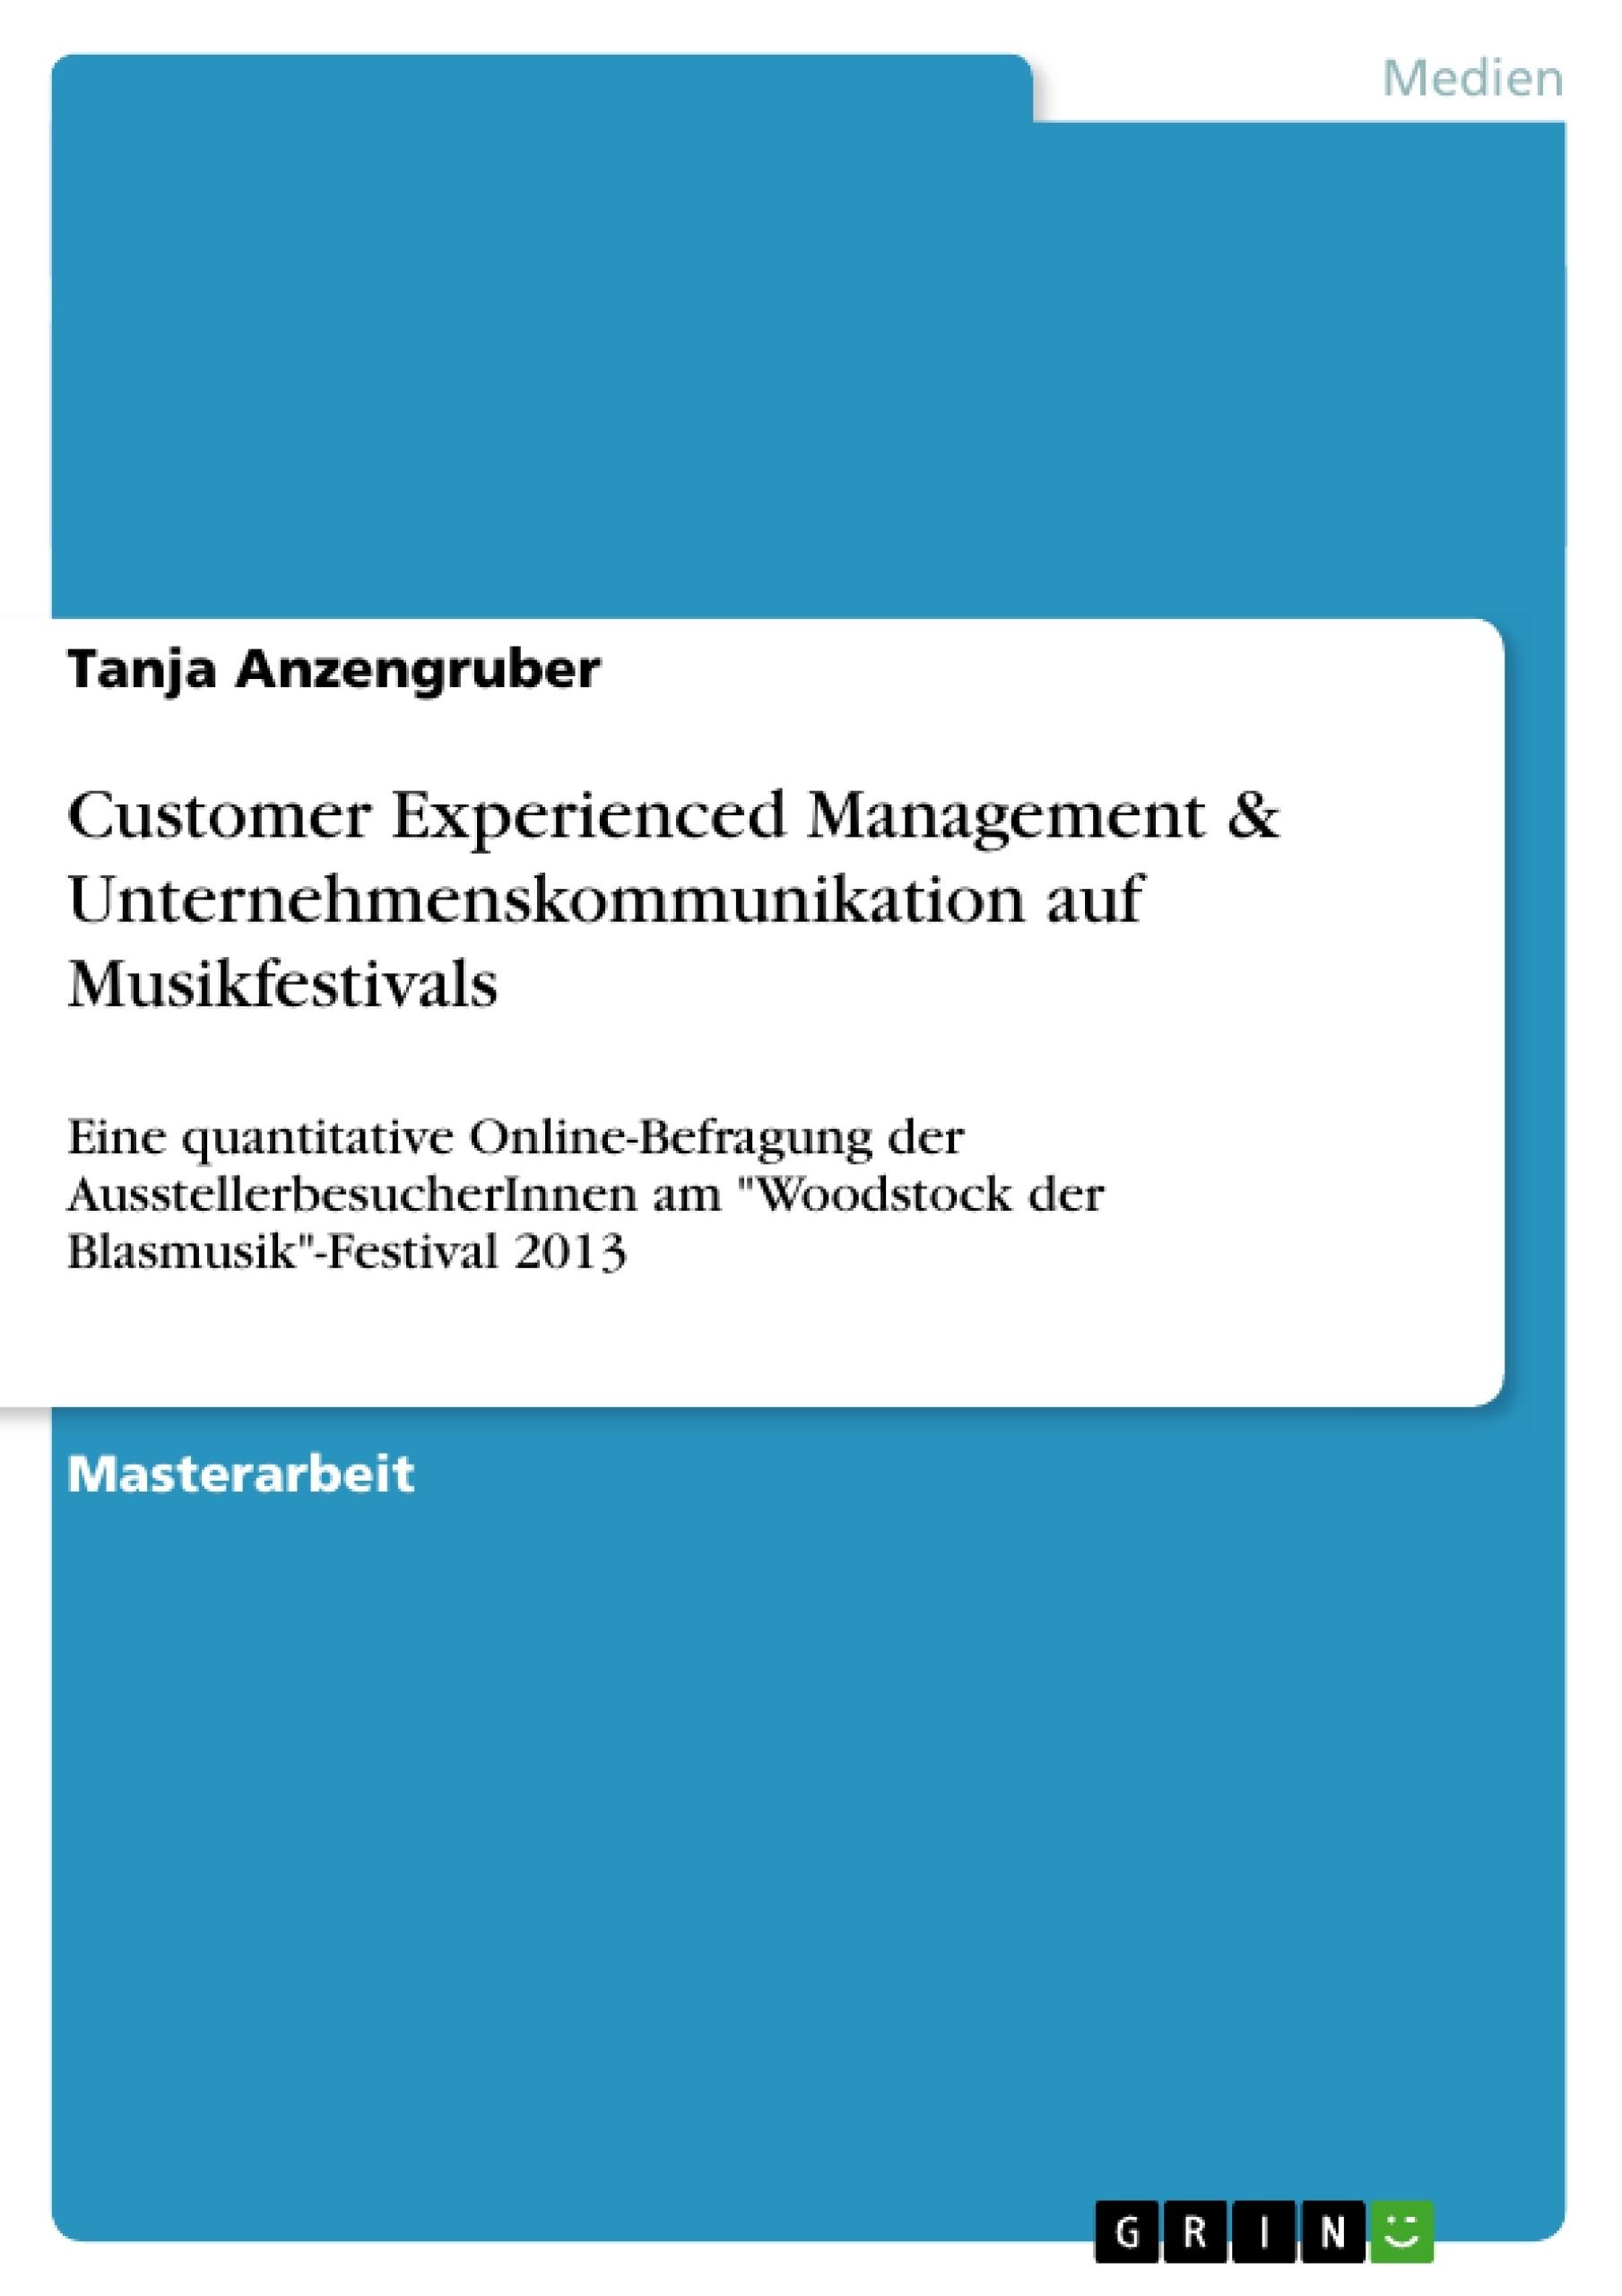 Titel: Customer Experienced Management & Unternehmenskommunikation auf Musikfestivals